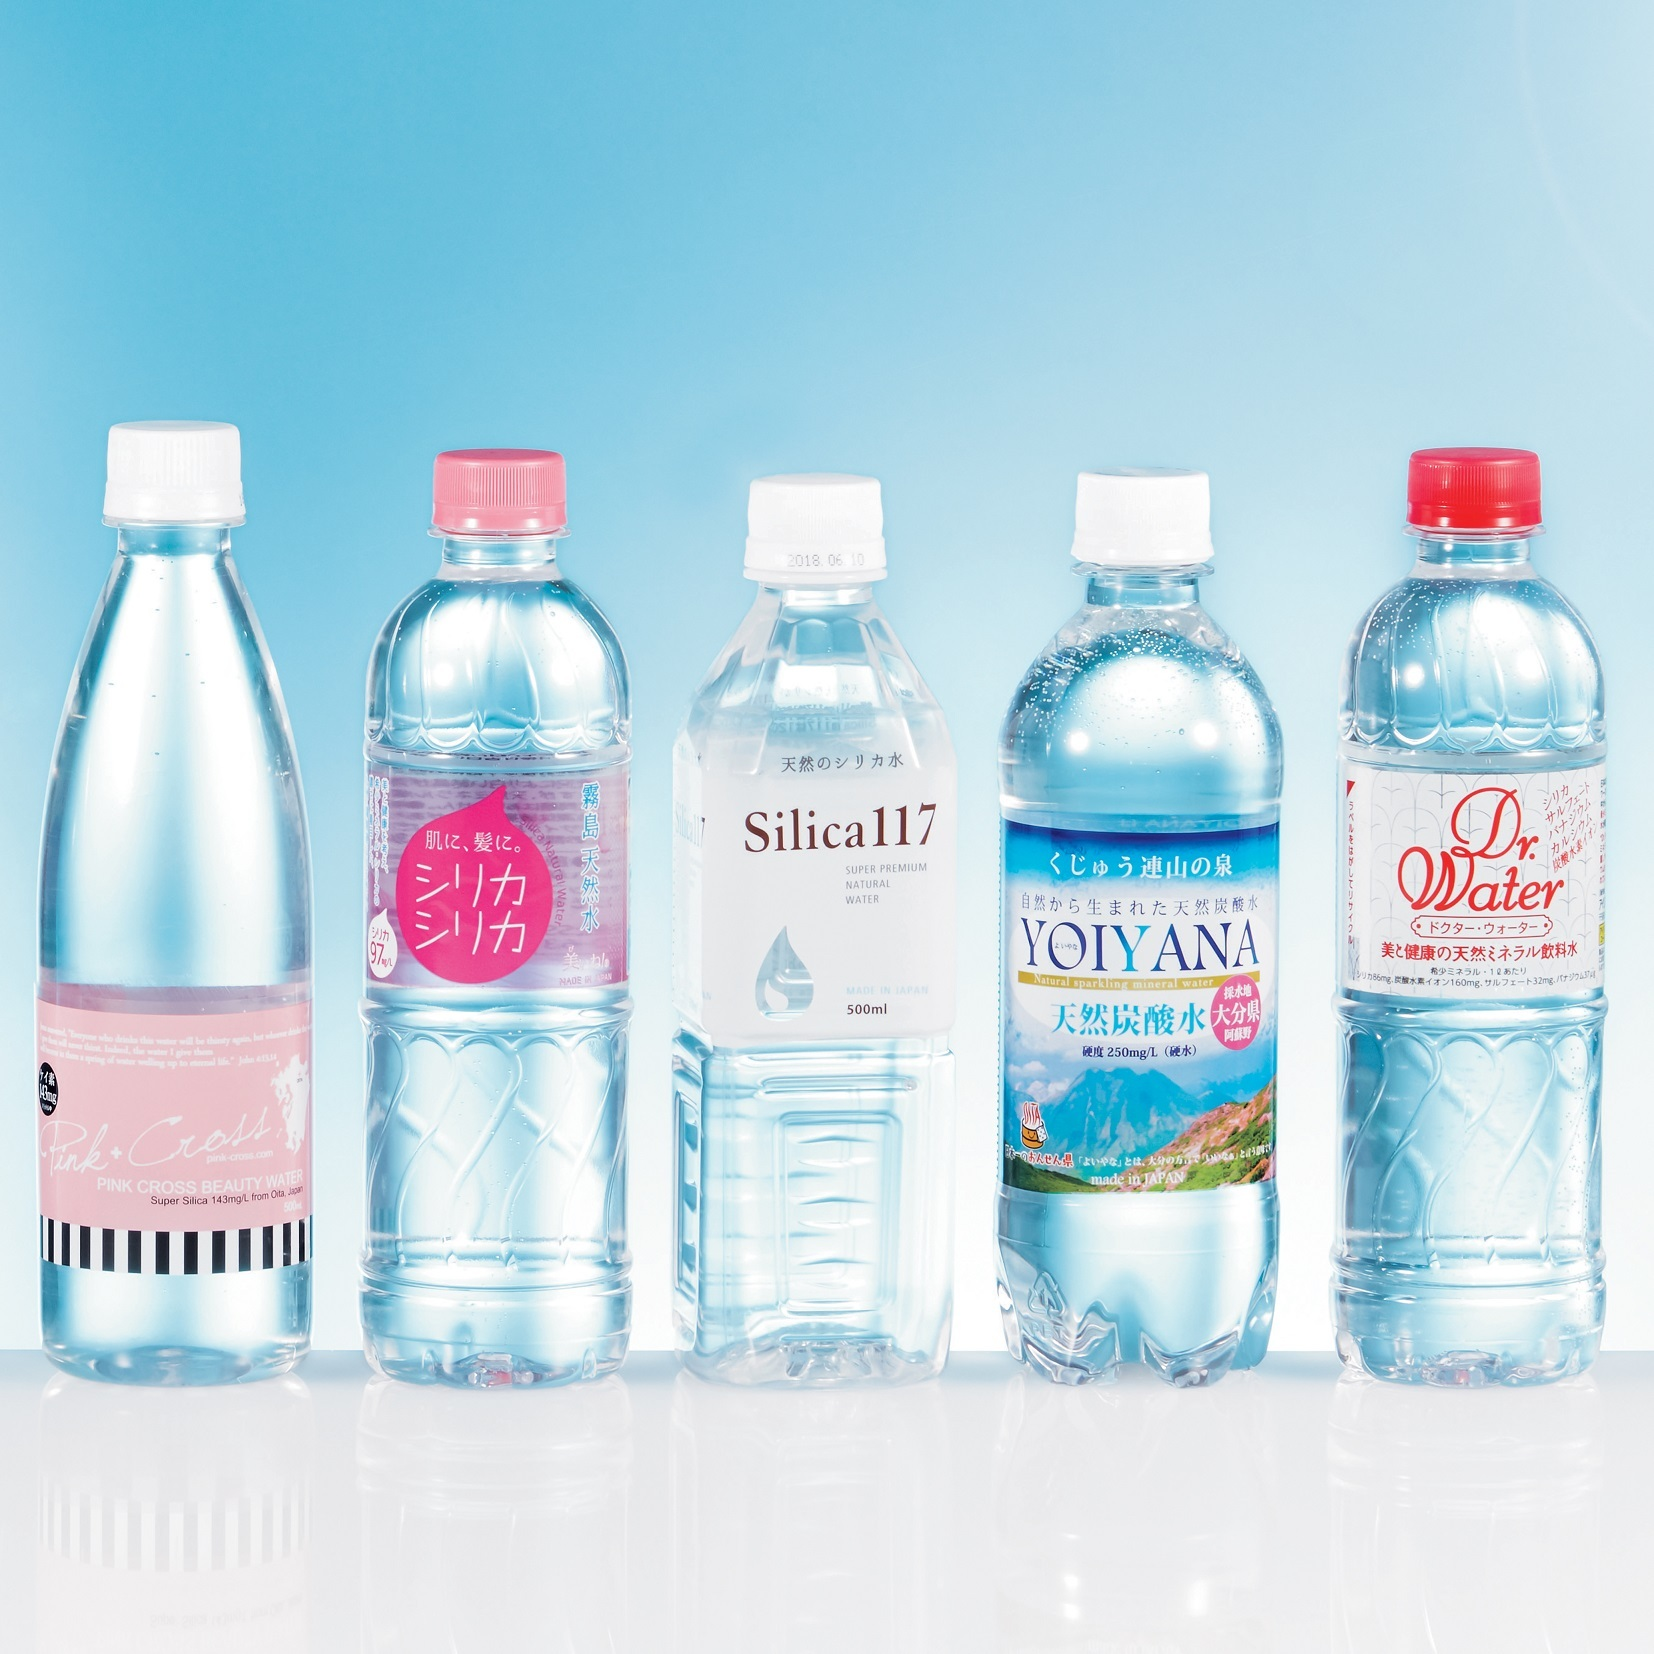 水選び、美容には「シリカ」入りが正解です